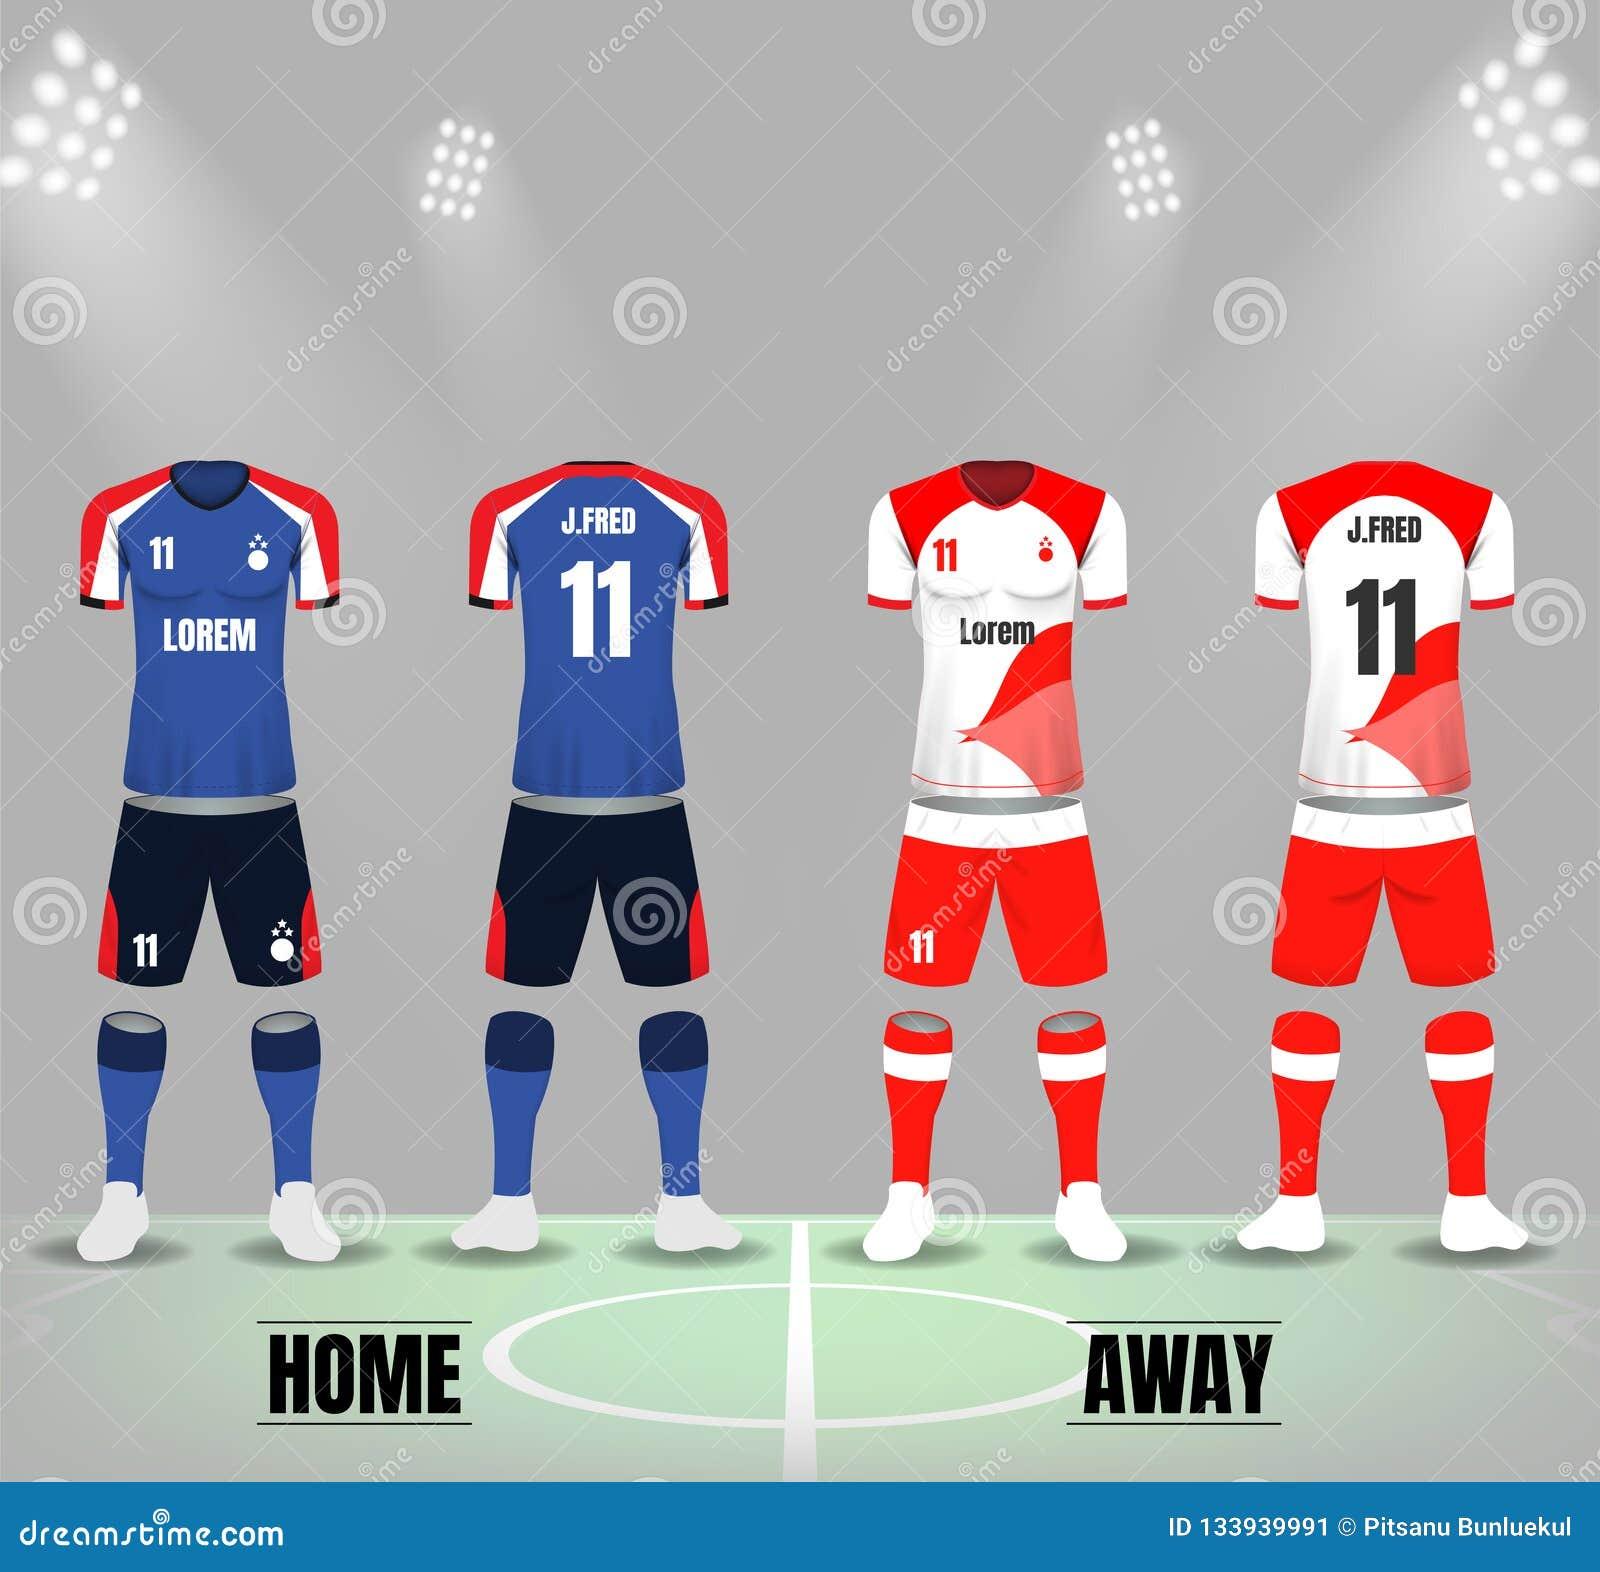 Front und Rückseite von Fußballuniformen in dunkelblauem und weißem rotem Col.